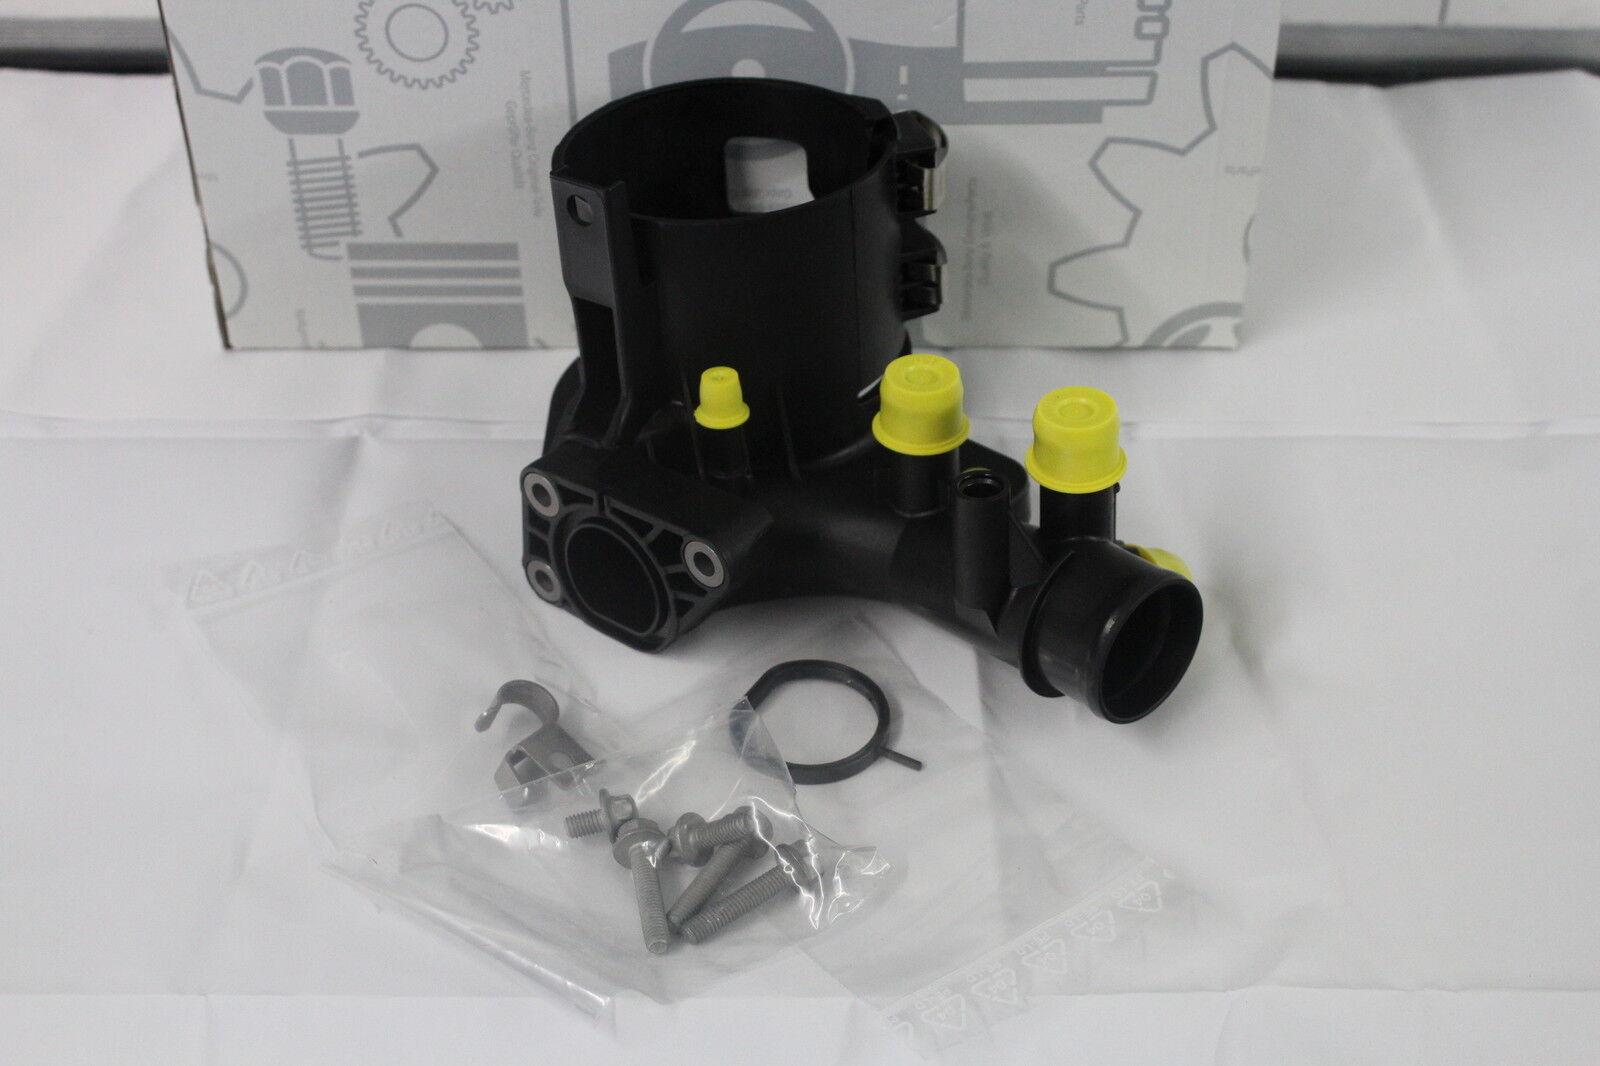 Fuel Filter Housing Coolant Leak Mbclub Uk Bringing Together Mercedes Benz Engine